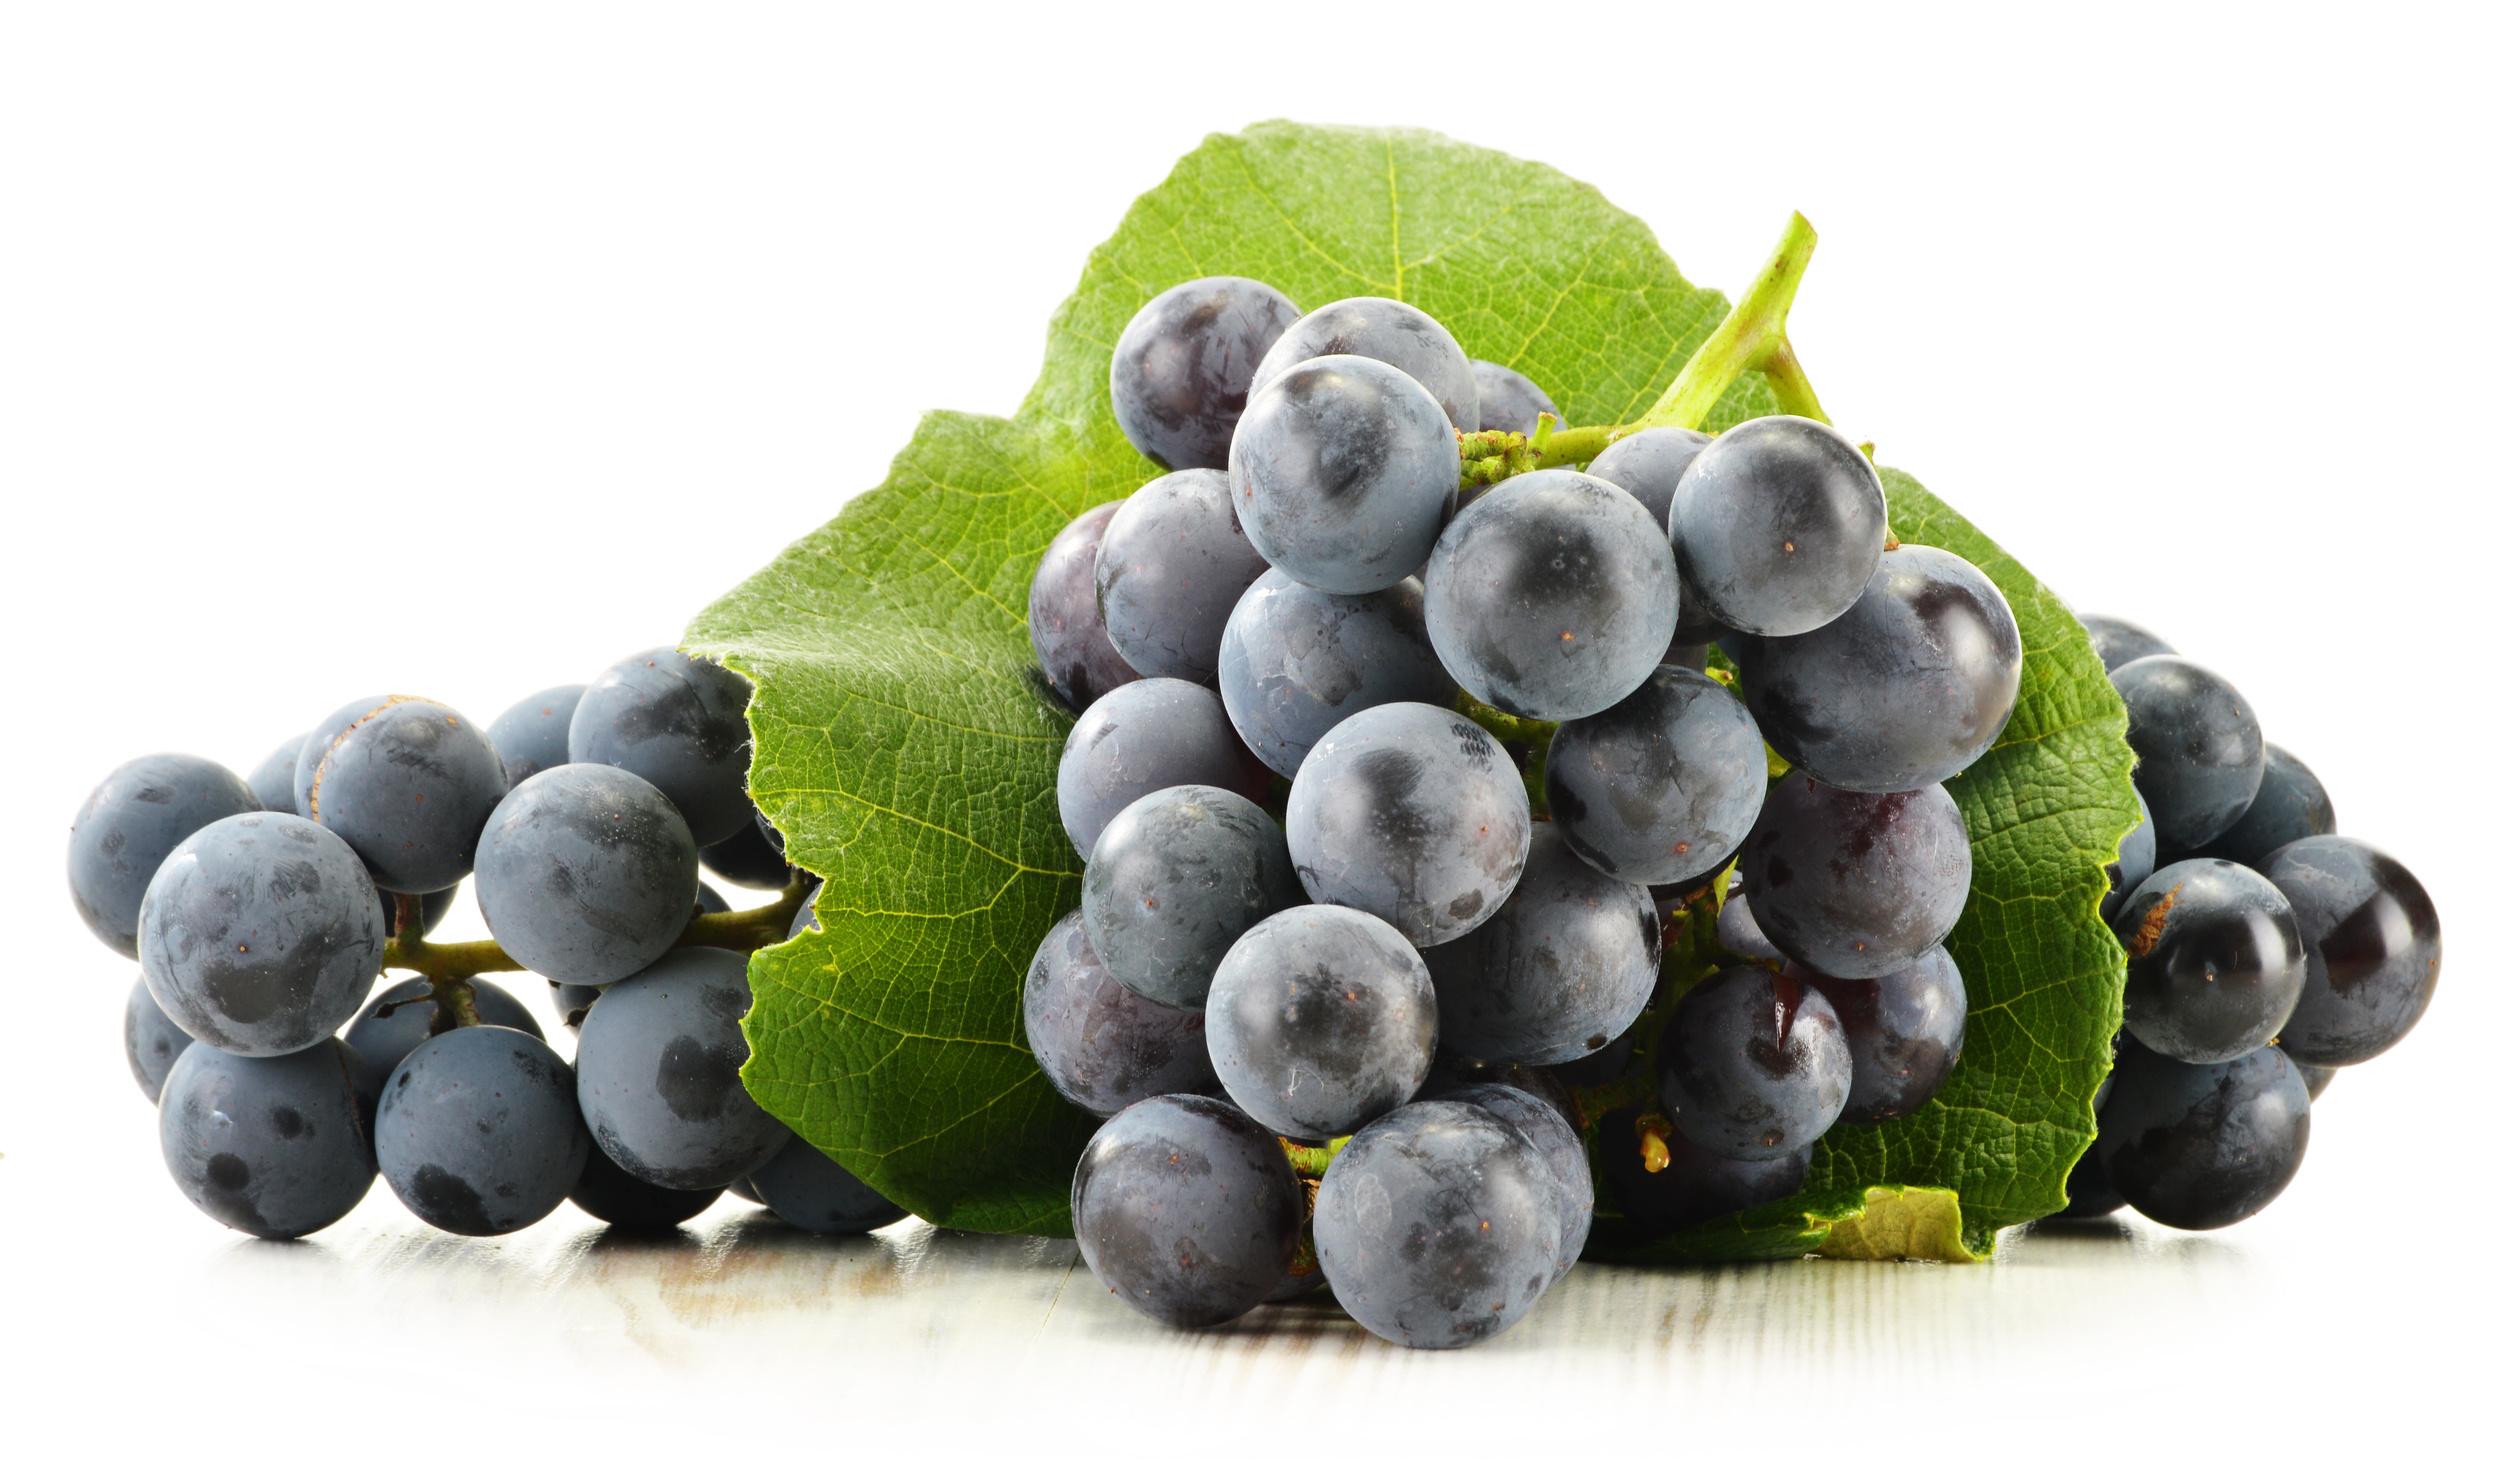 葡萄的圖片搜尋結果